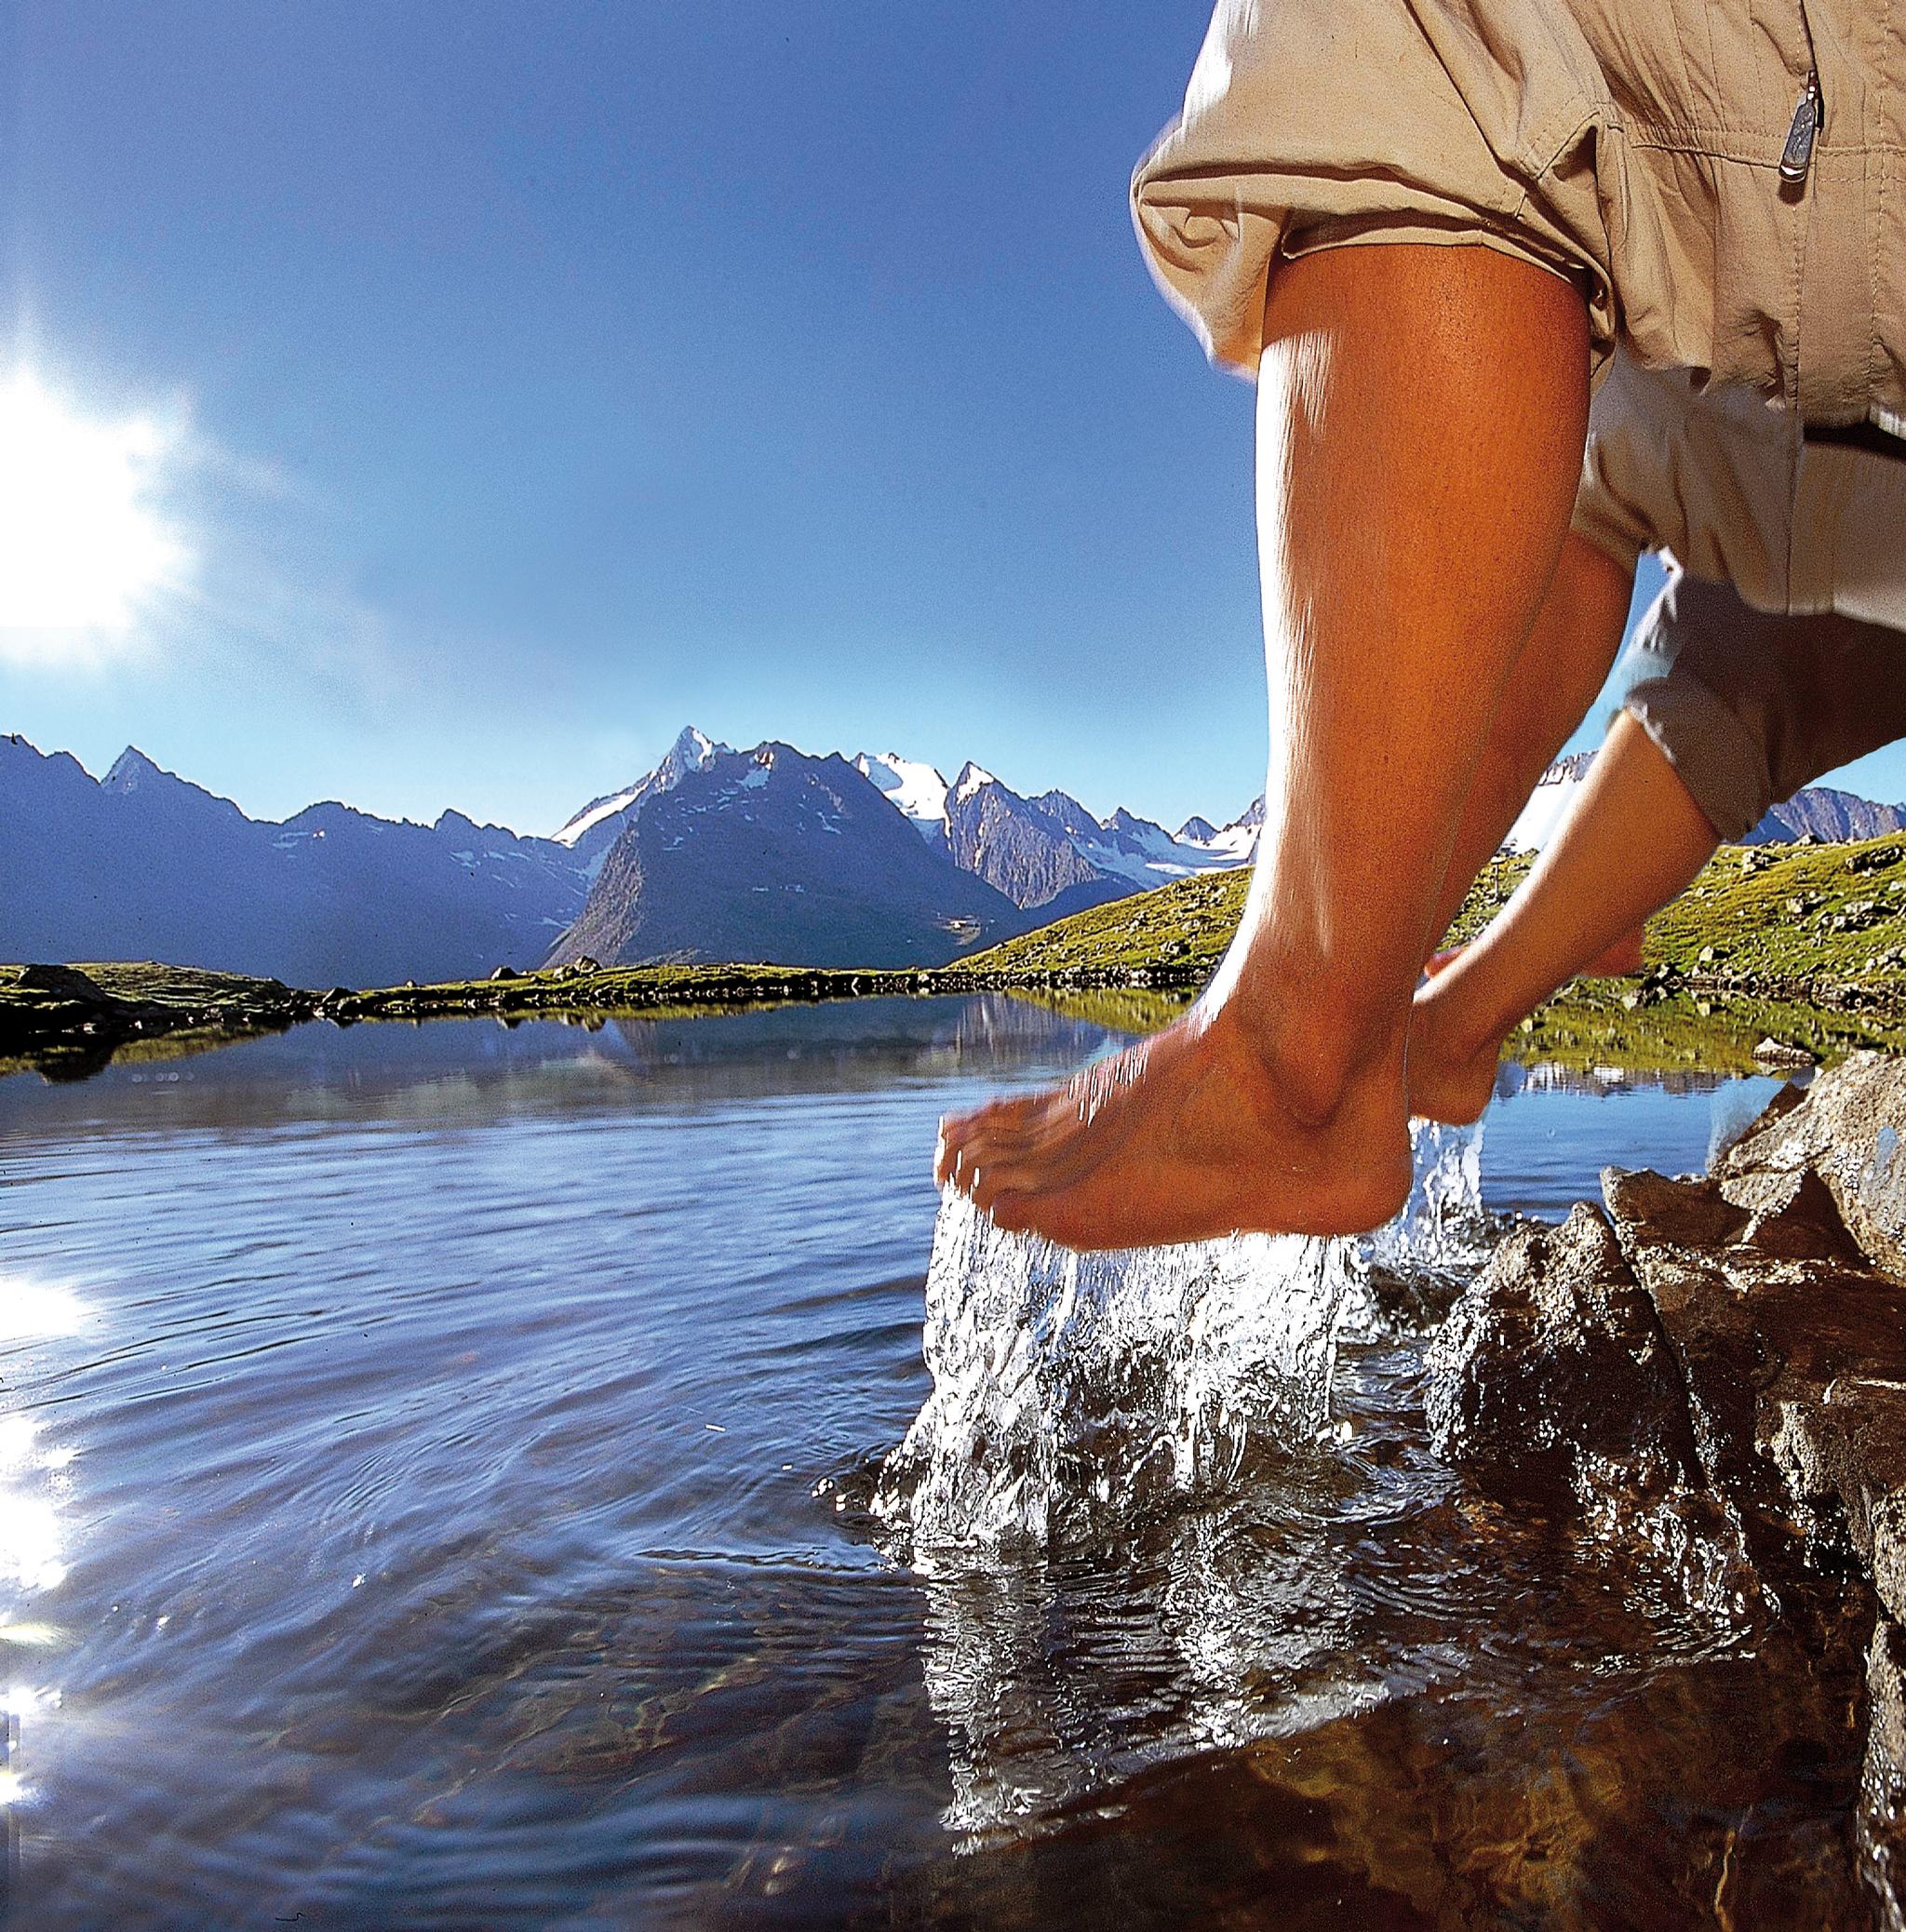 Erfrischend ist ein Fußbad in einem der25.000 Seen, Teiche und Lacken, die allein in Österreich registriert sind. Je höher umso kühler. © Hotel Falknerhof, ÖT, Ritschel